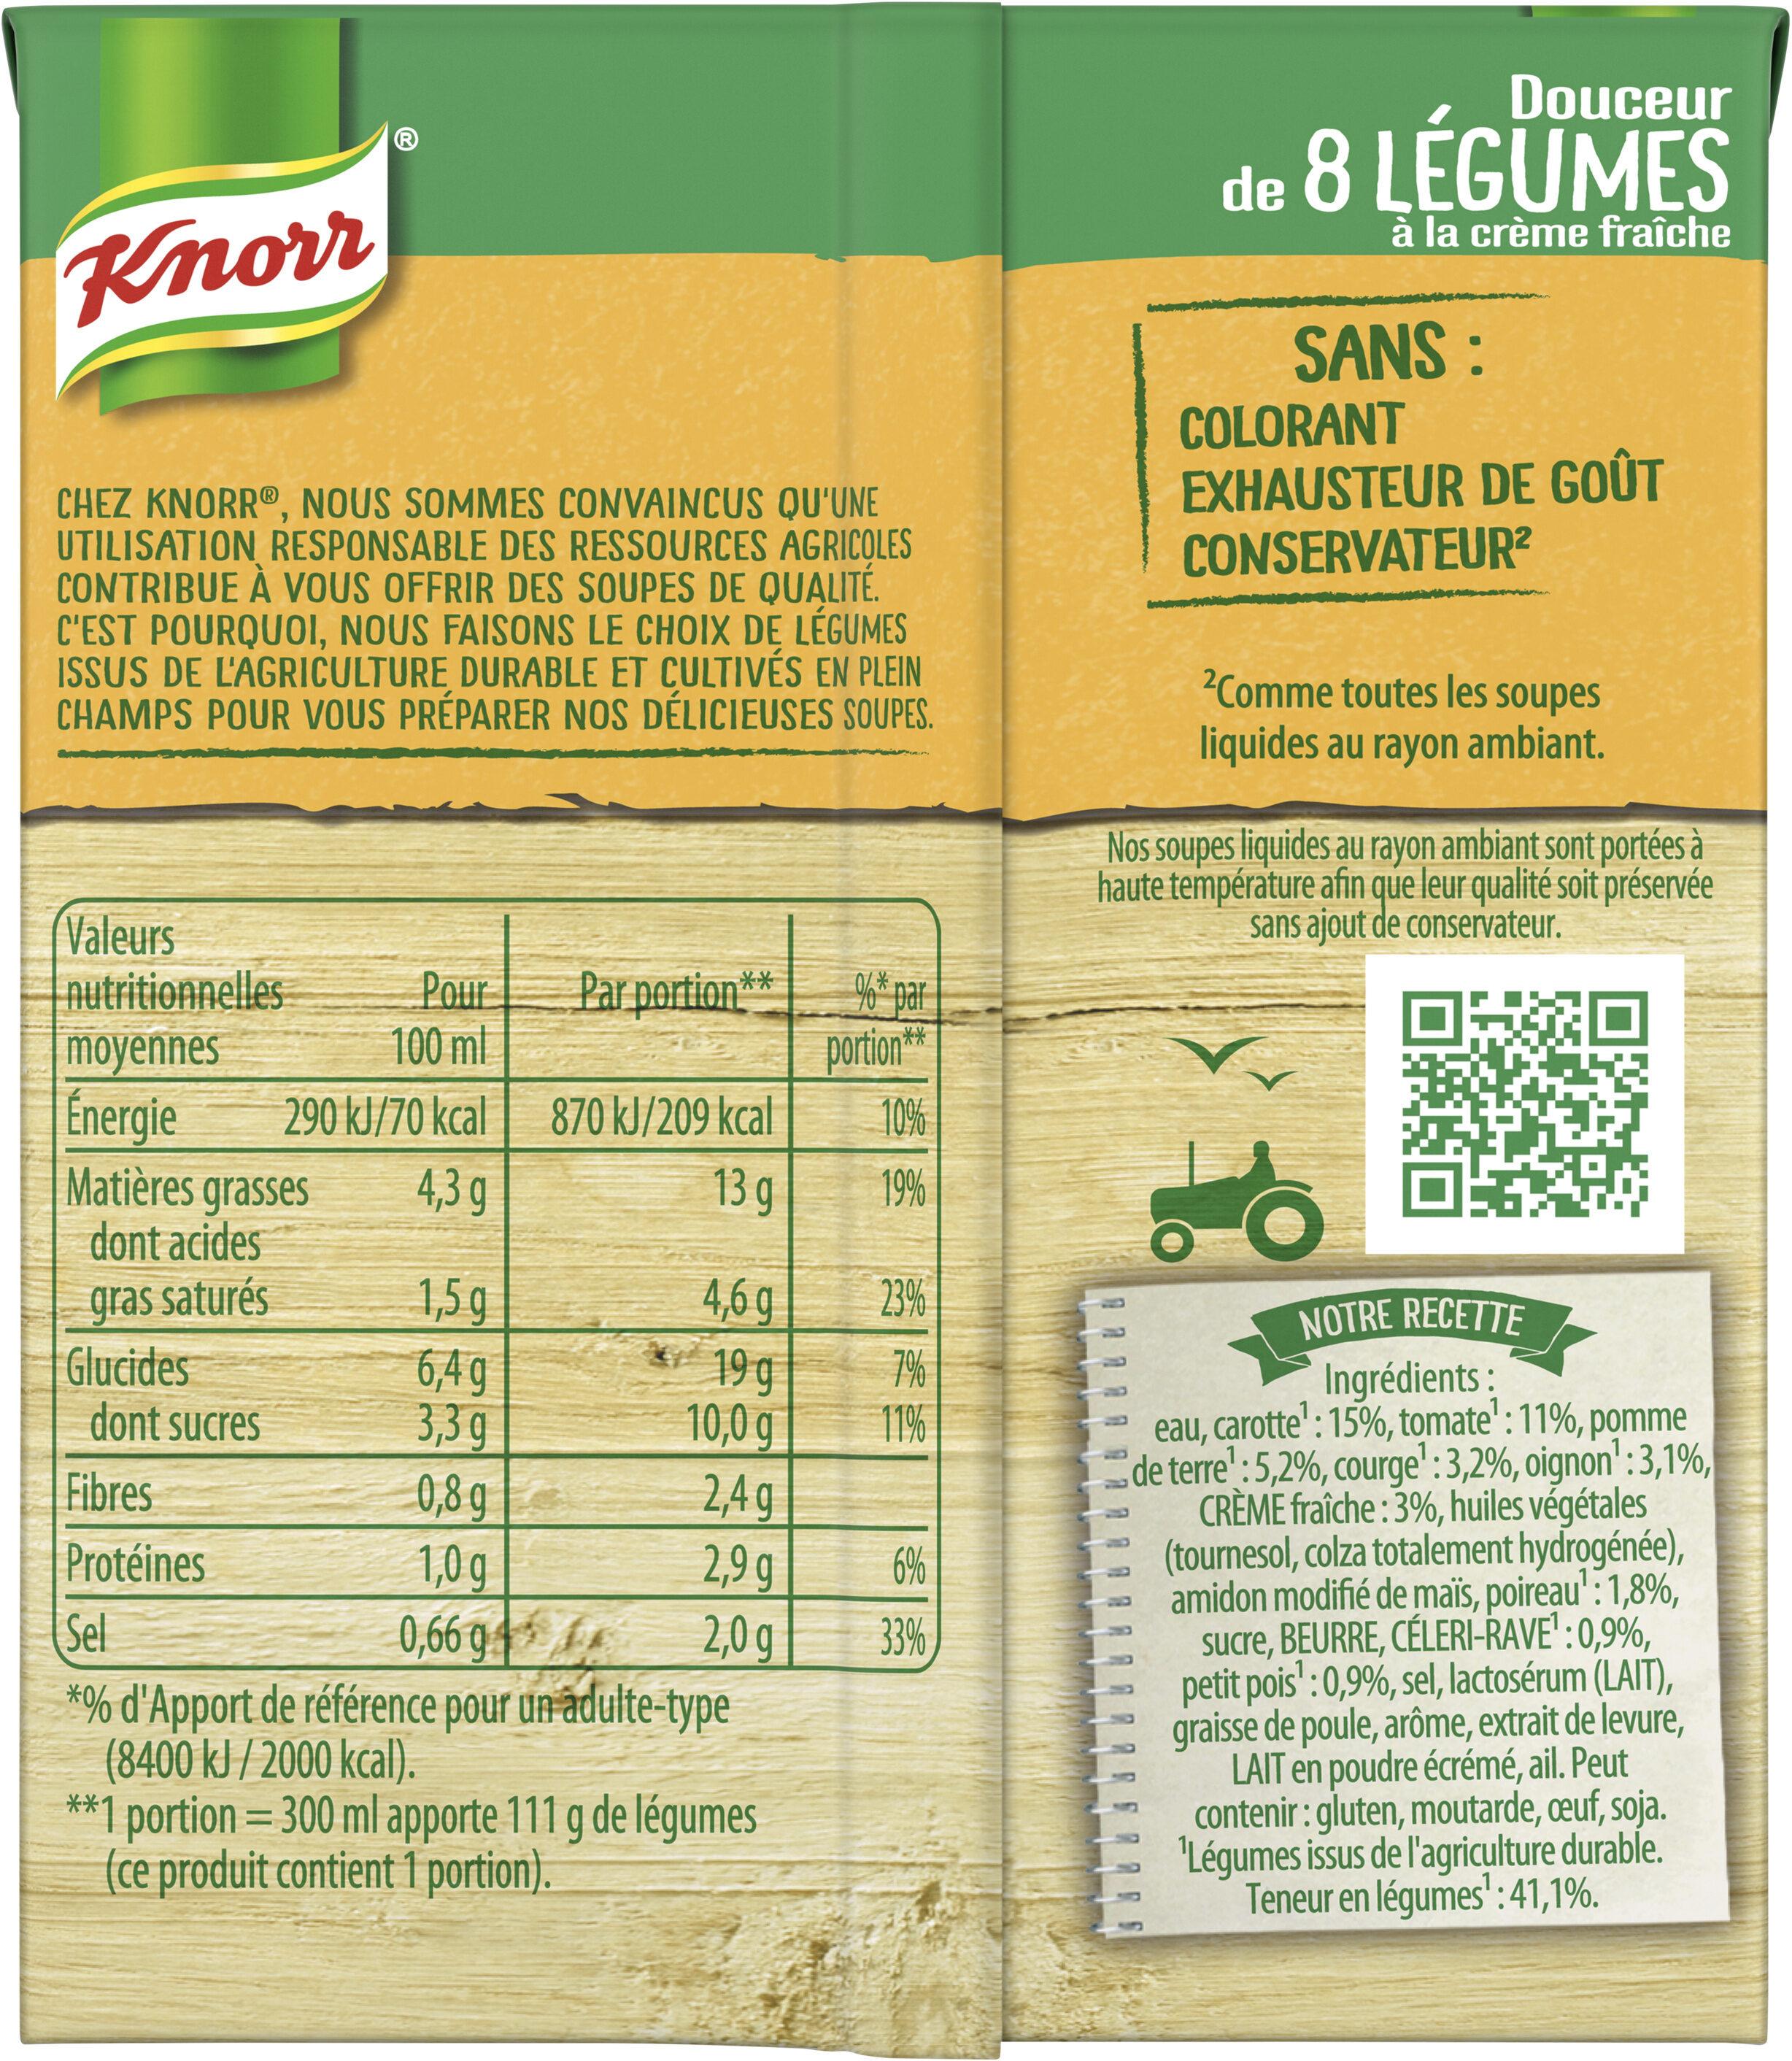 Knorr Soupe Douceur de 8 Légumes à la Crème Fraîche 30cl - Informations nutritionnelles - fr